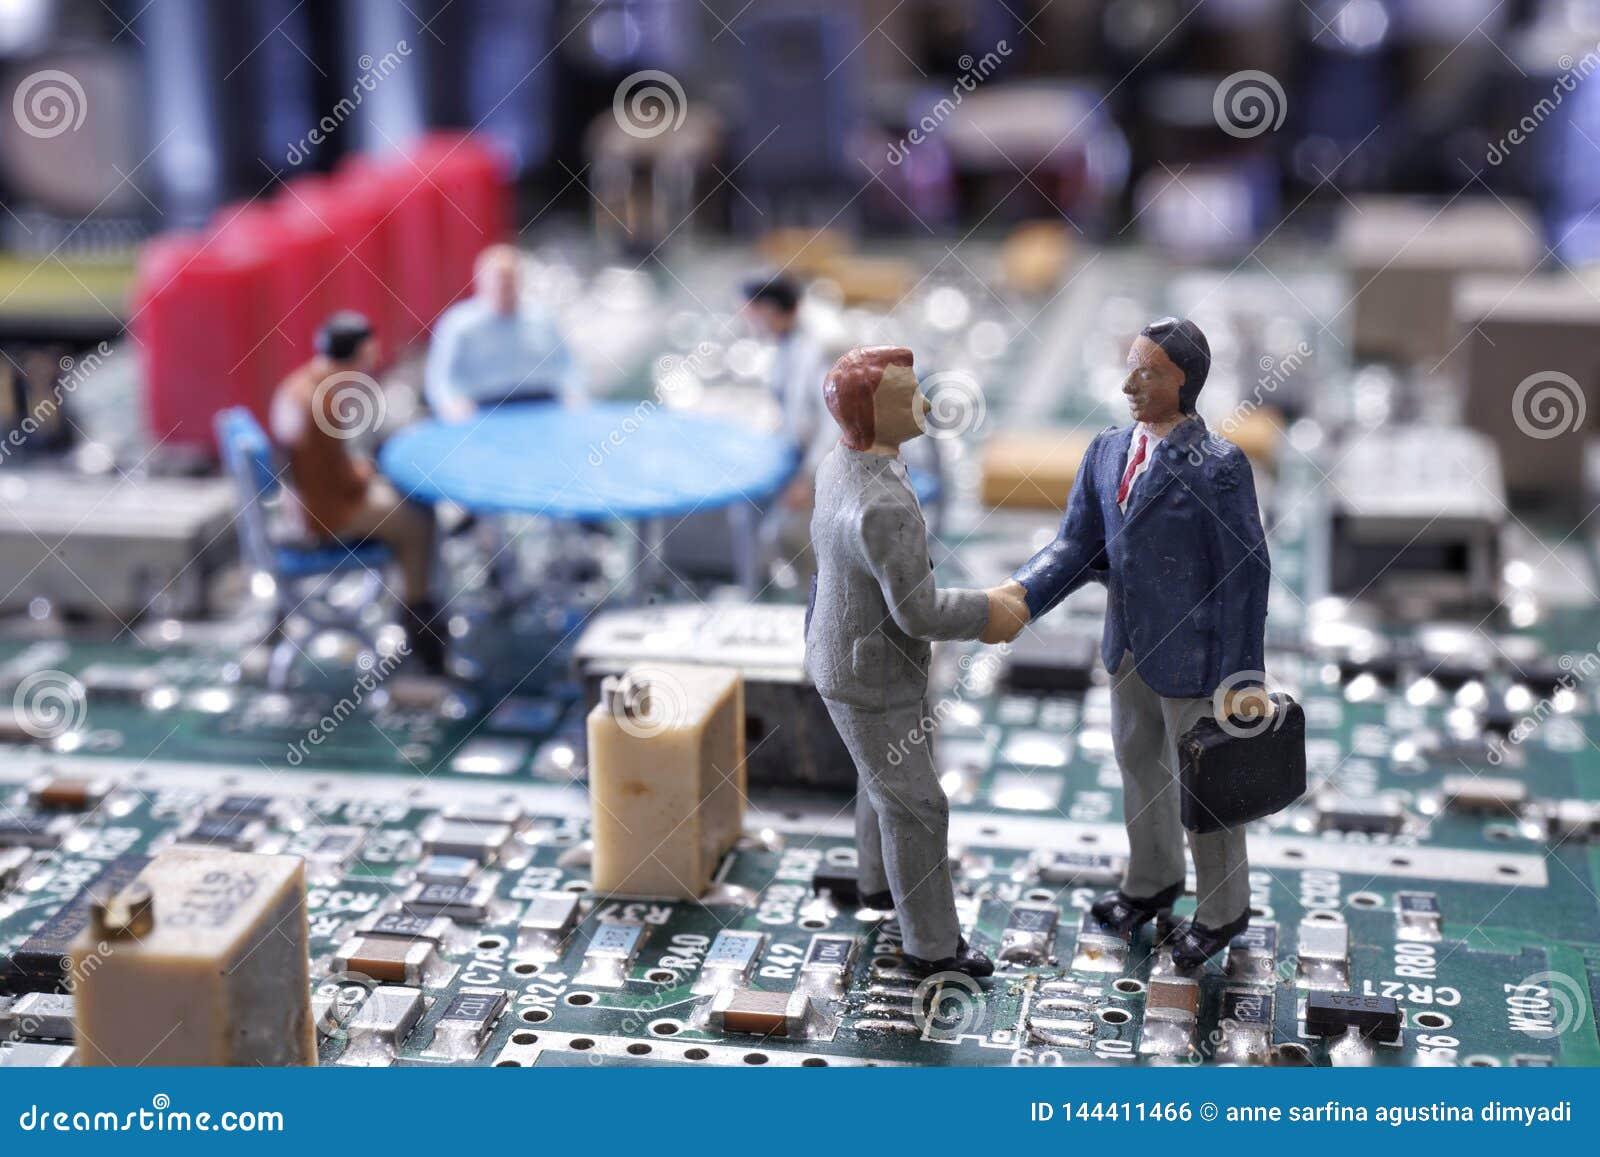 Миниатюрное рукопожатие бизнесмена